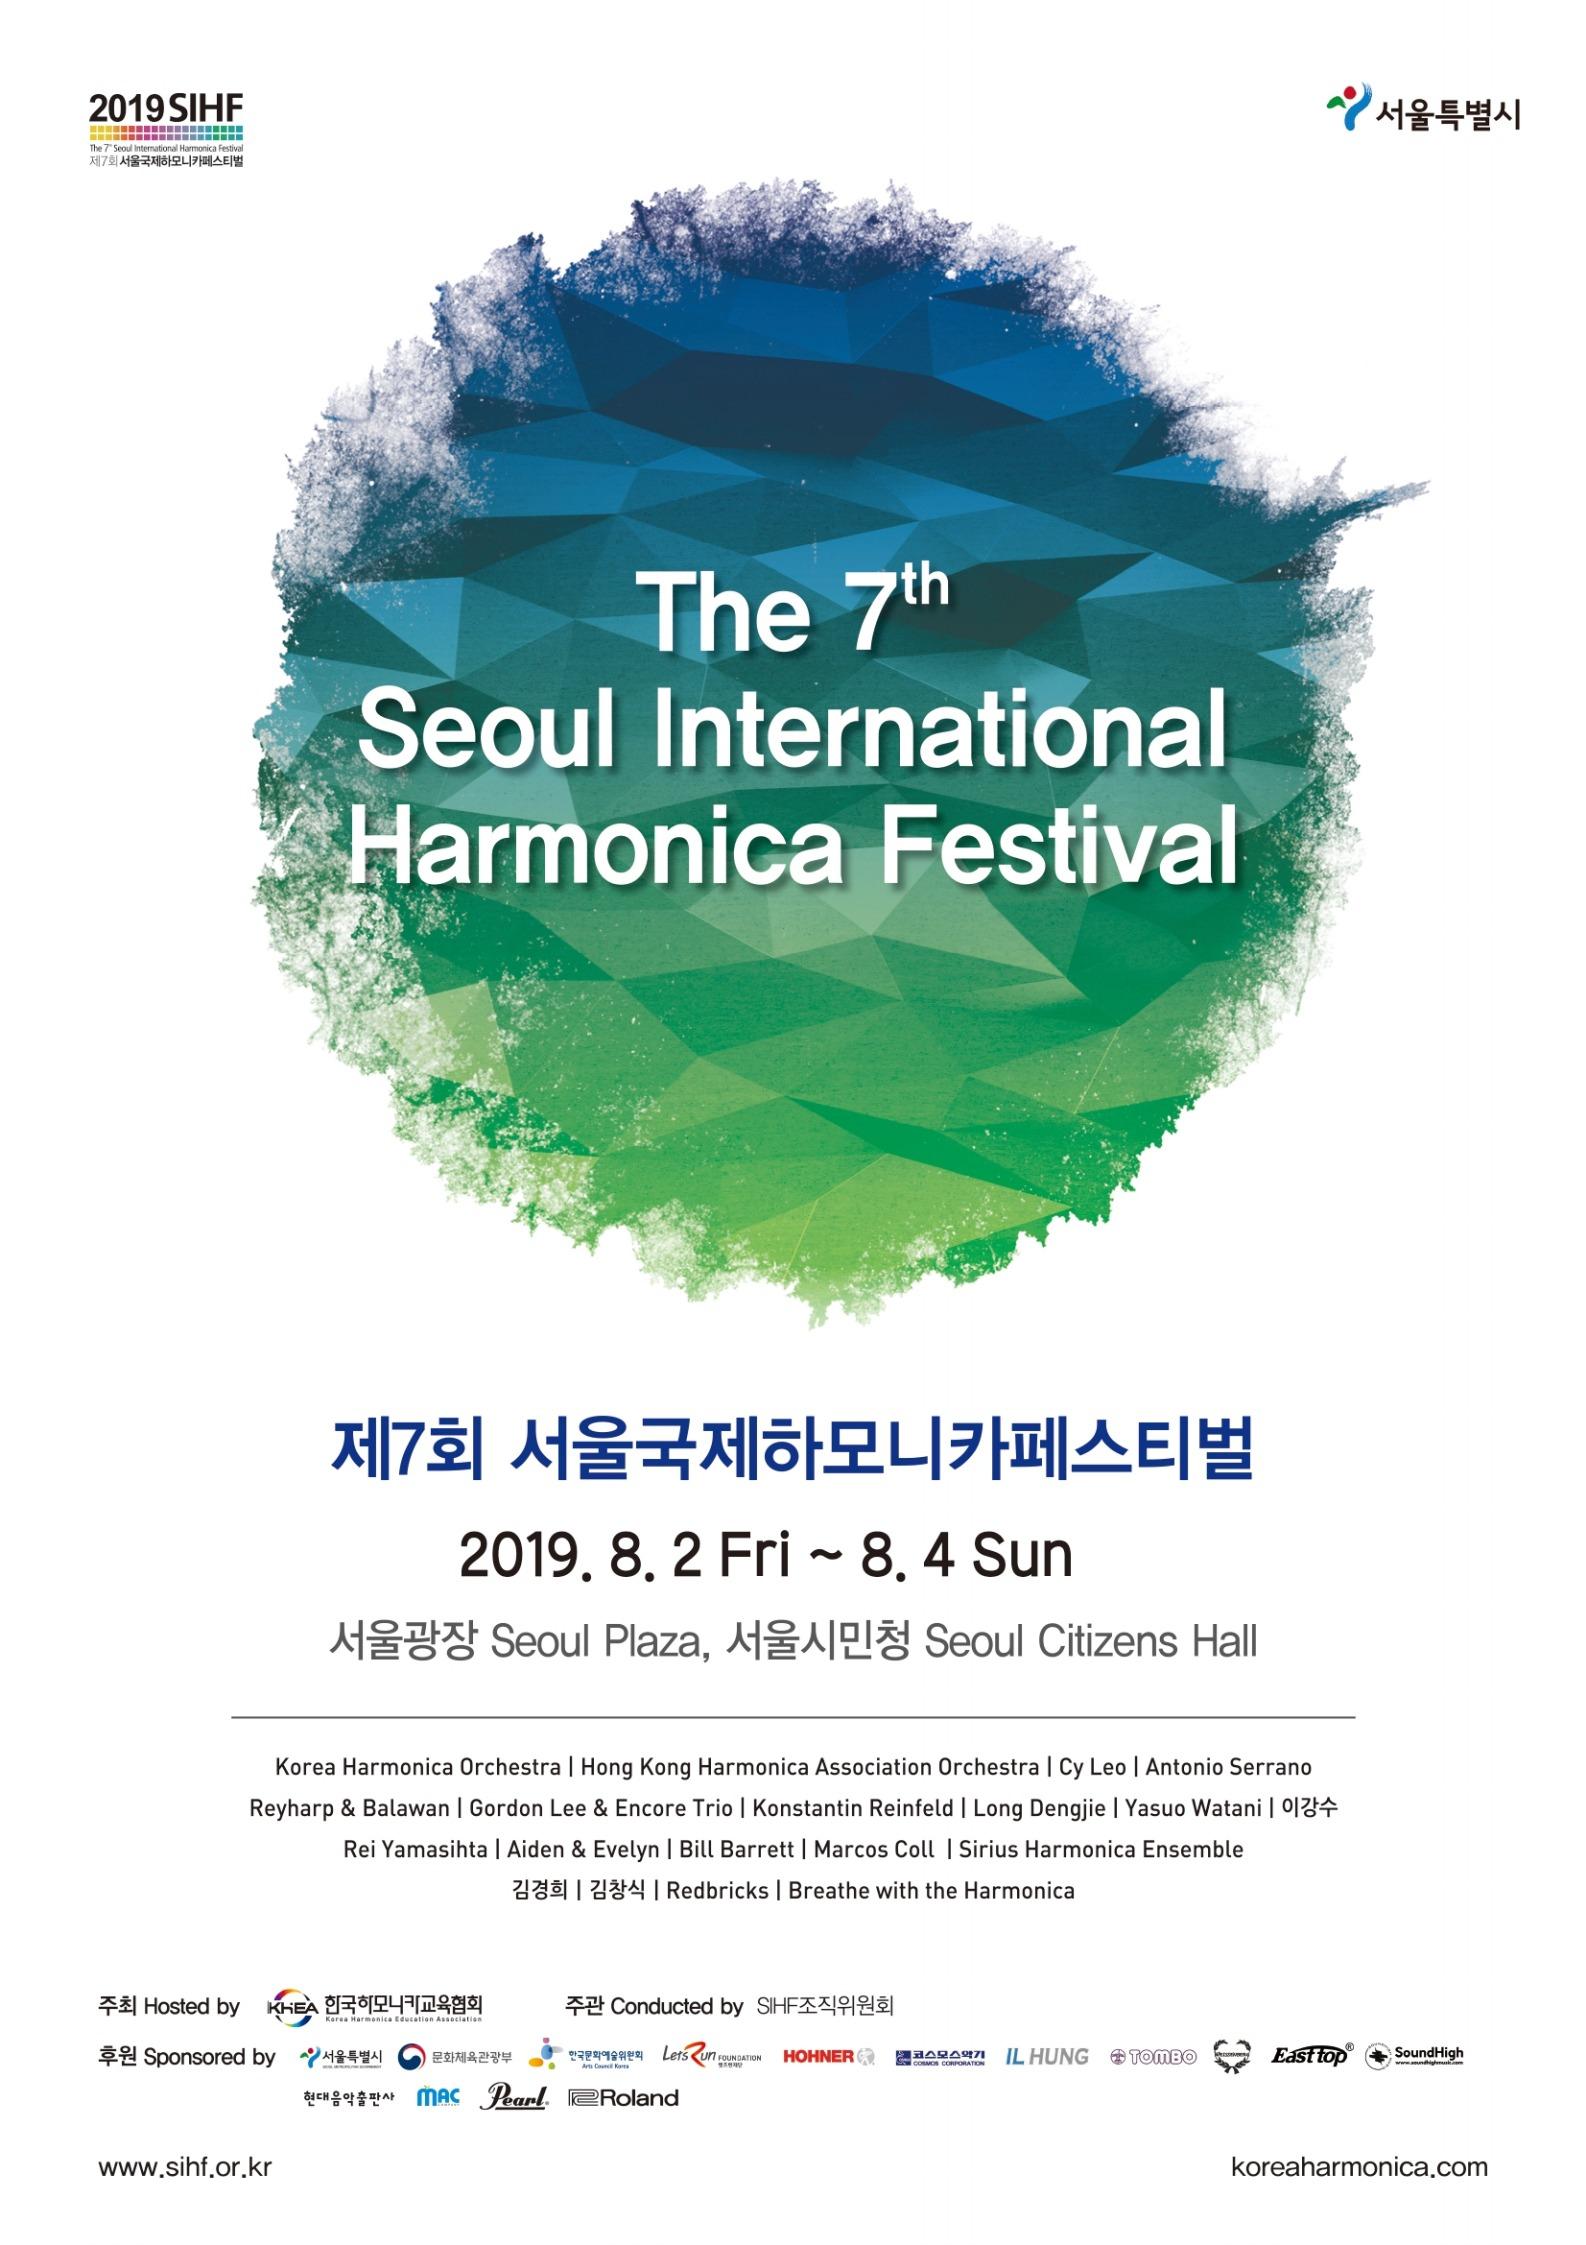 제7회 서울국제하모니카페스티벌 개최